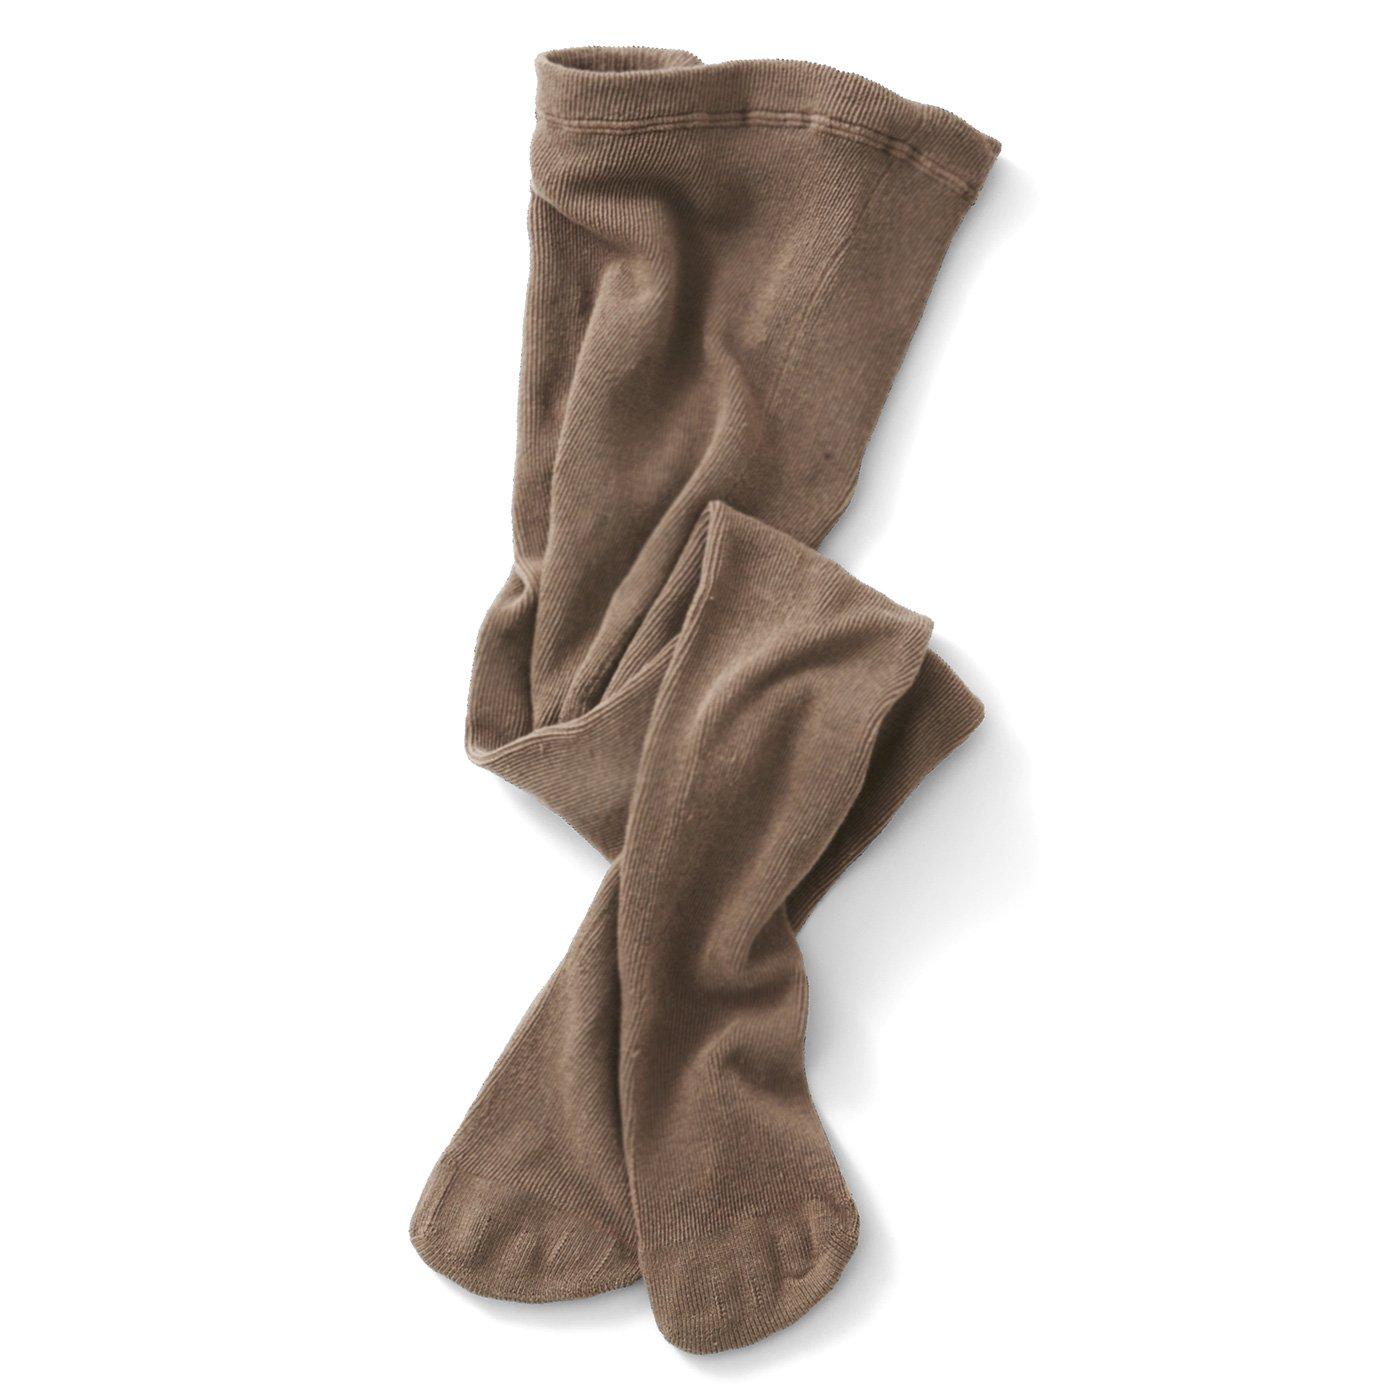 お肌に伸びやかフィット 足先綿の隠れ5本指タイツ